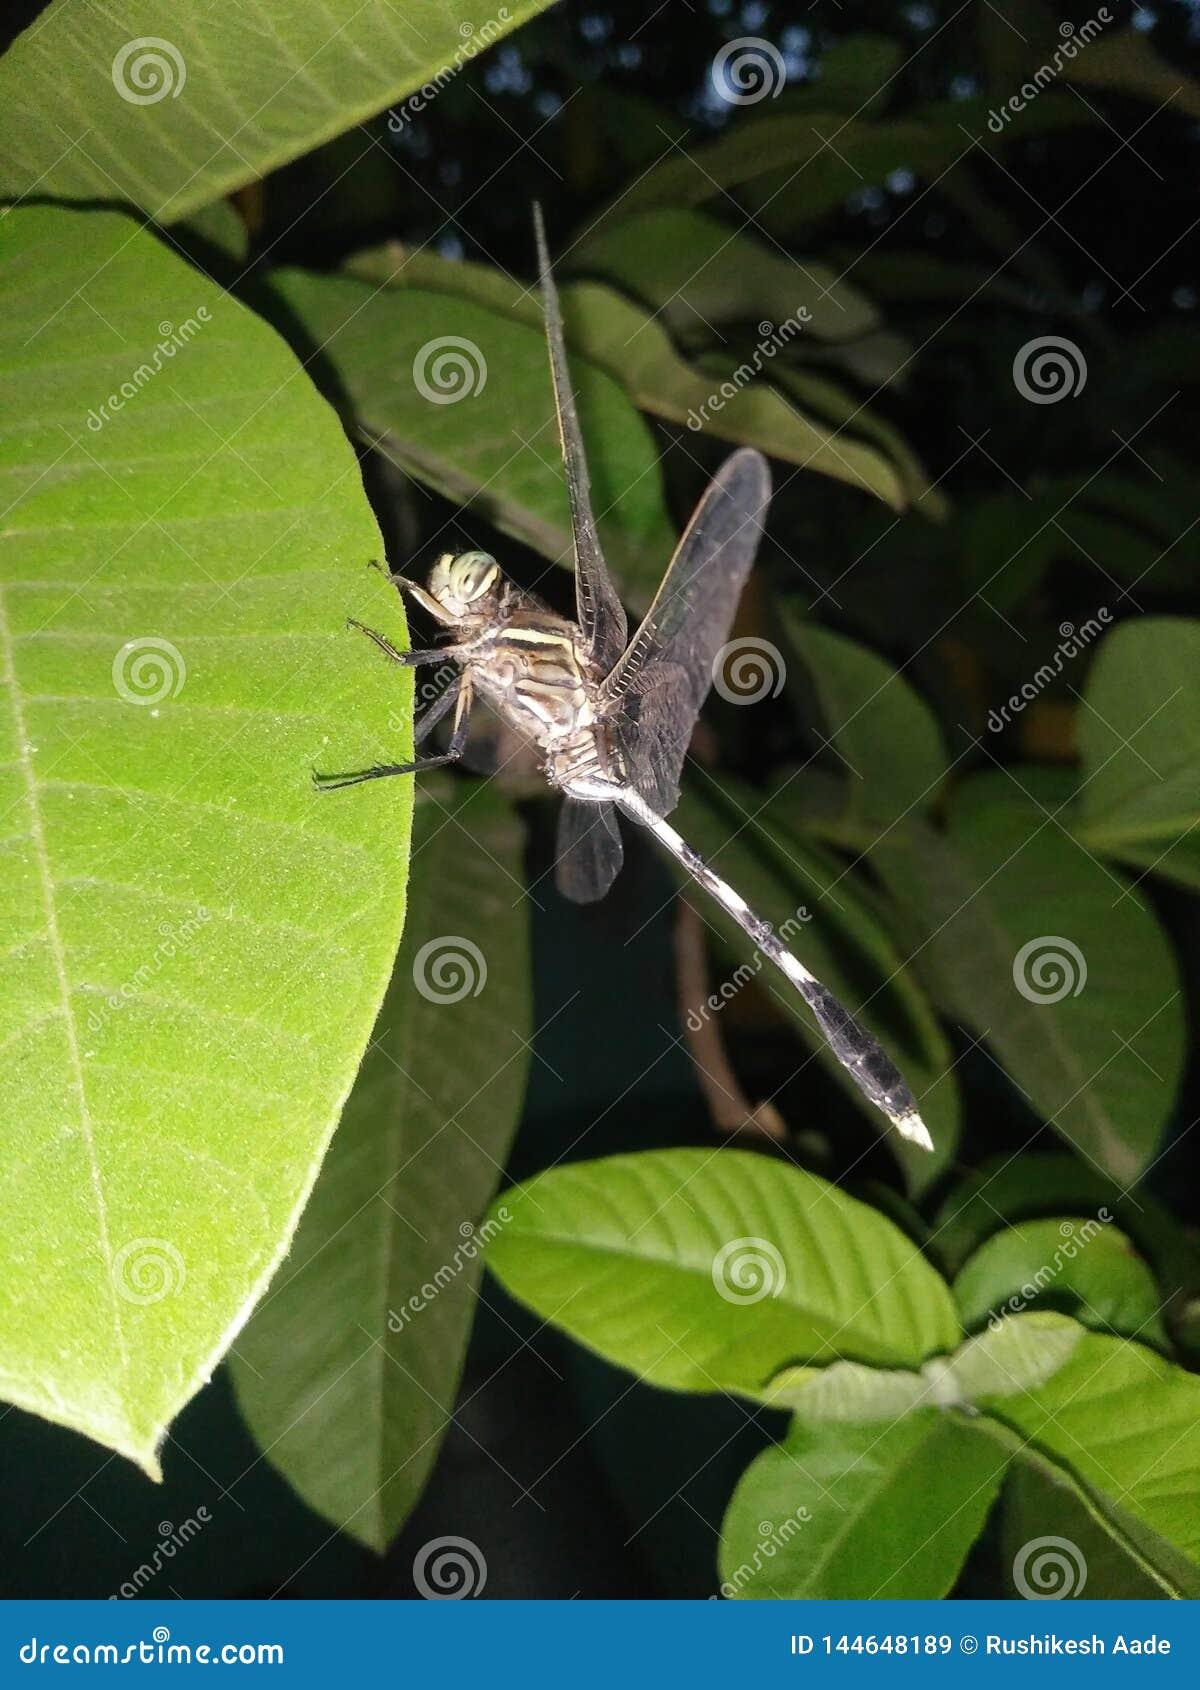 Die Libelle auf dem Blatt nachts